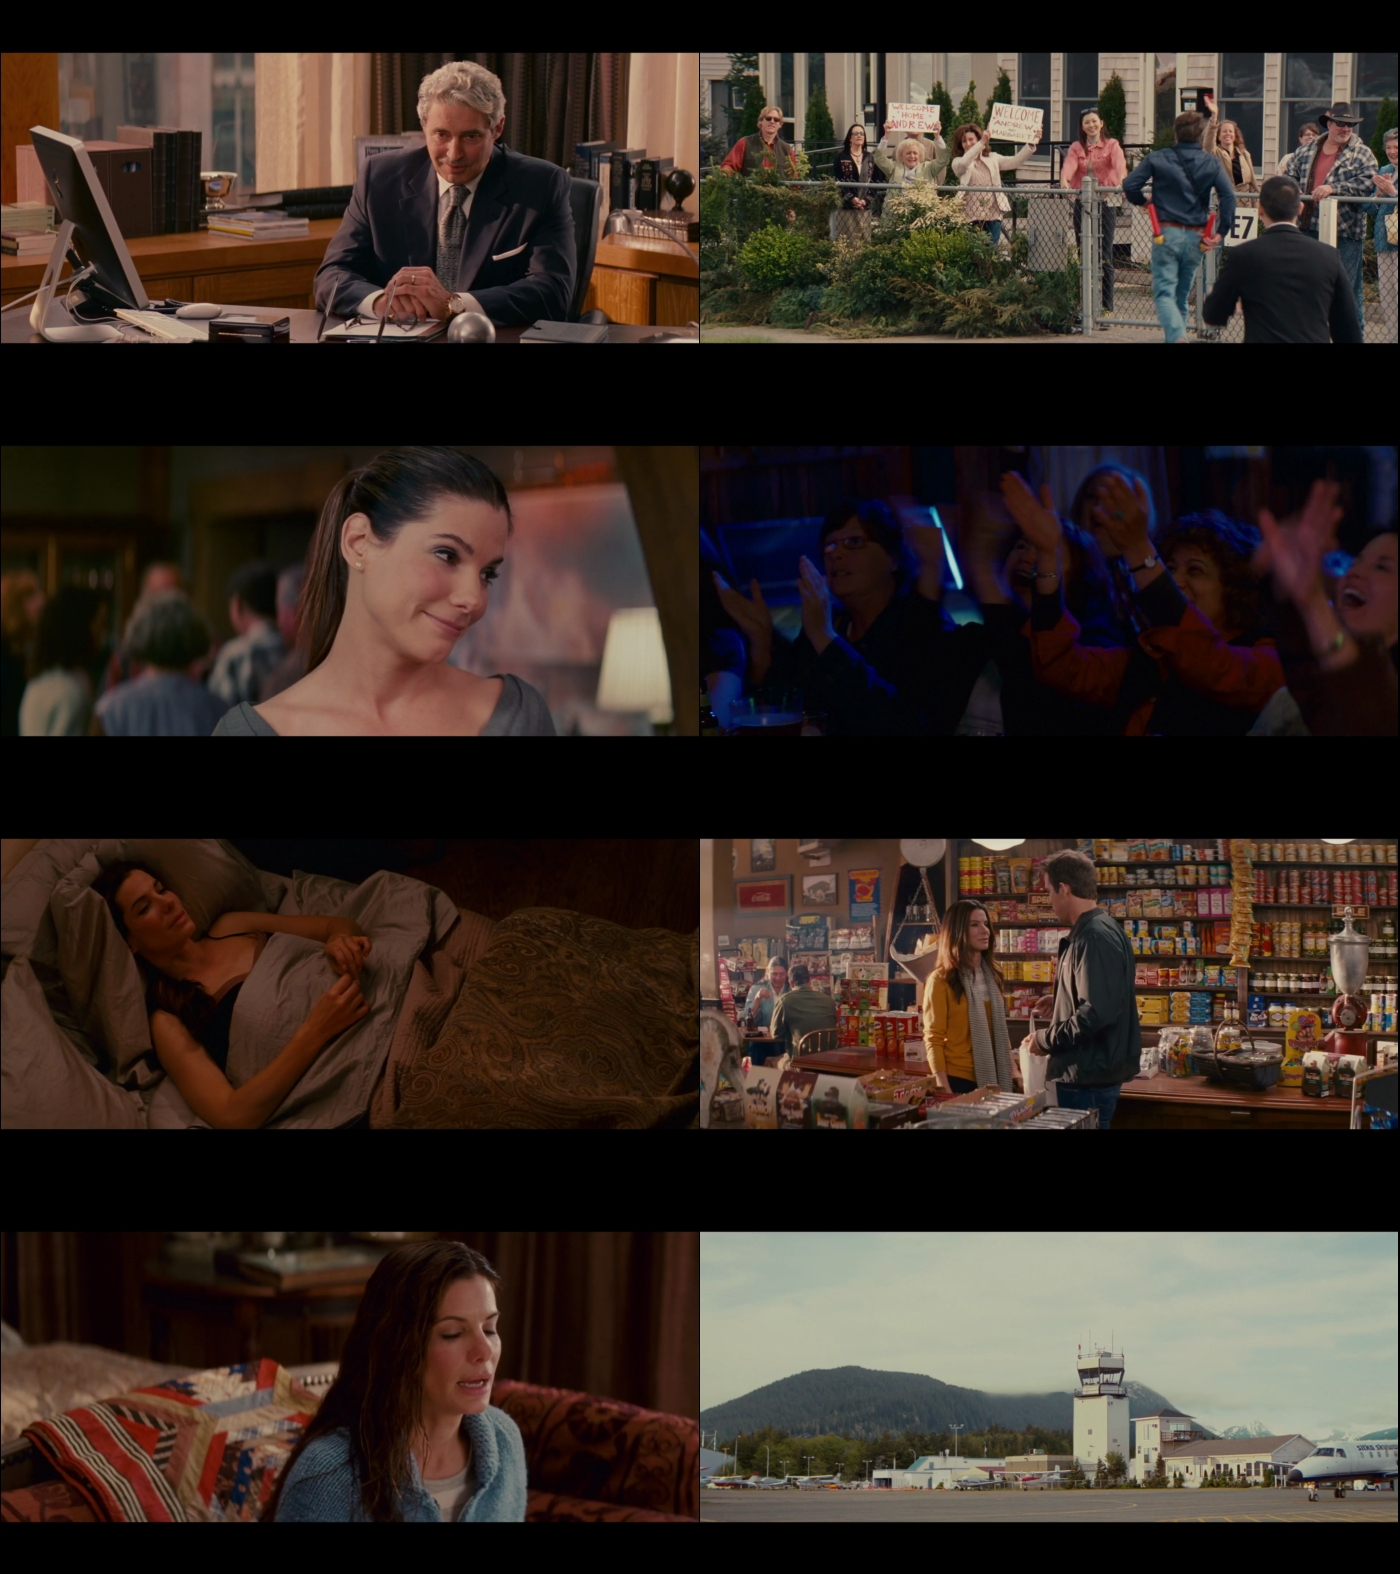 La Propuesta 1080p Latino